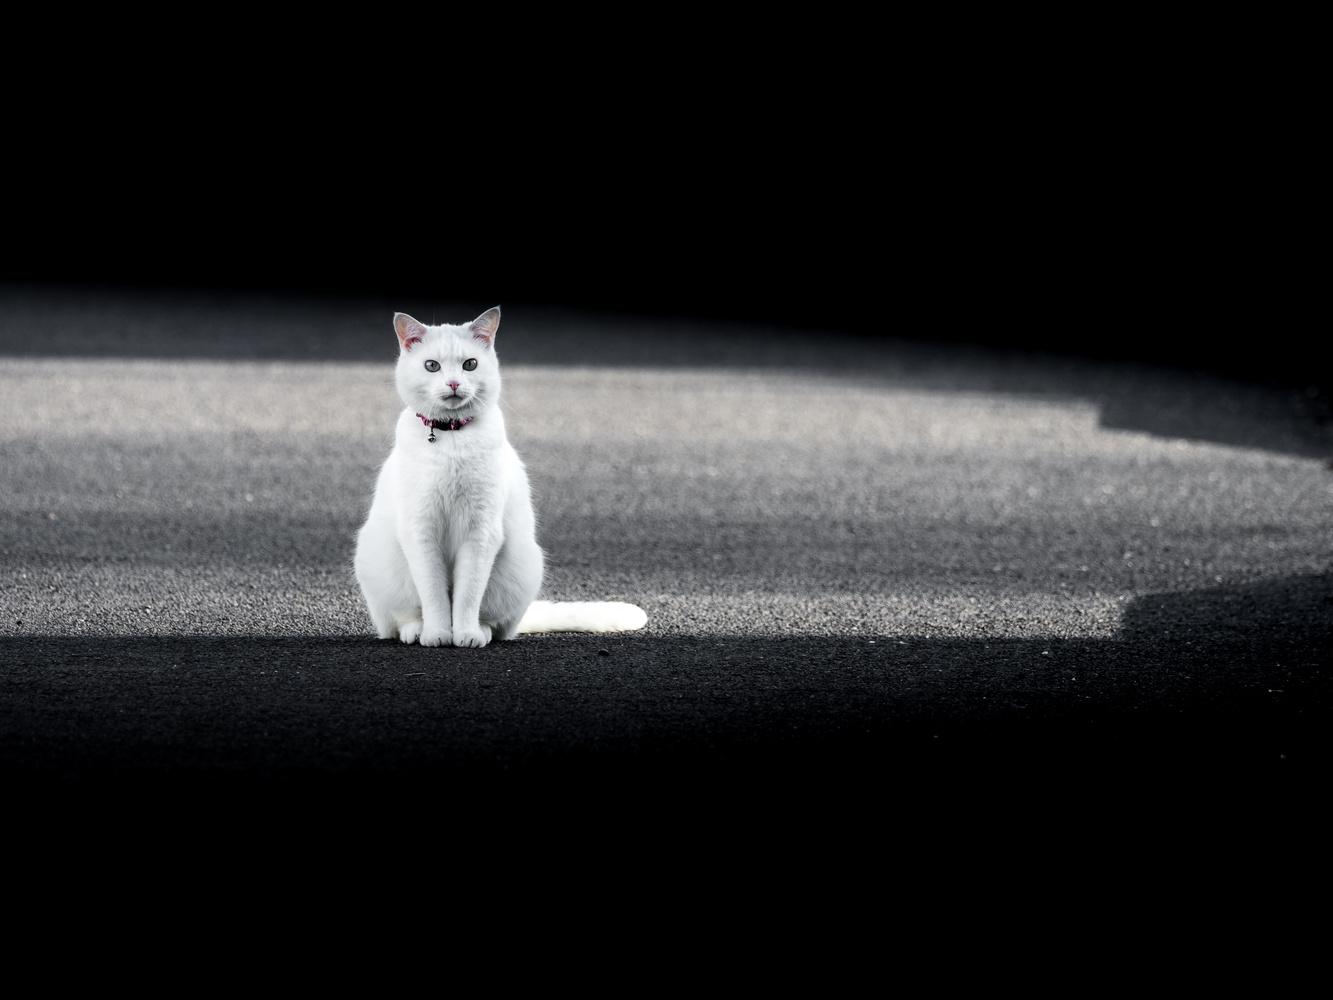 The White Cat by Tomasz Kowalski